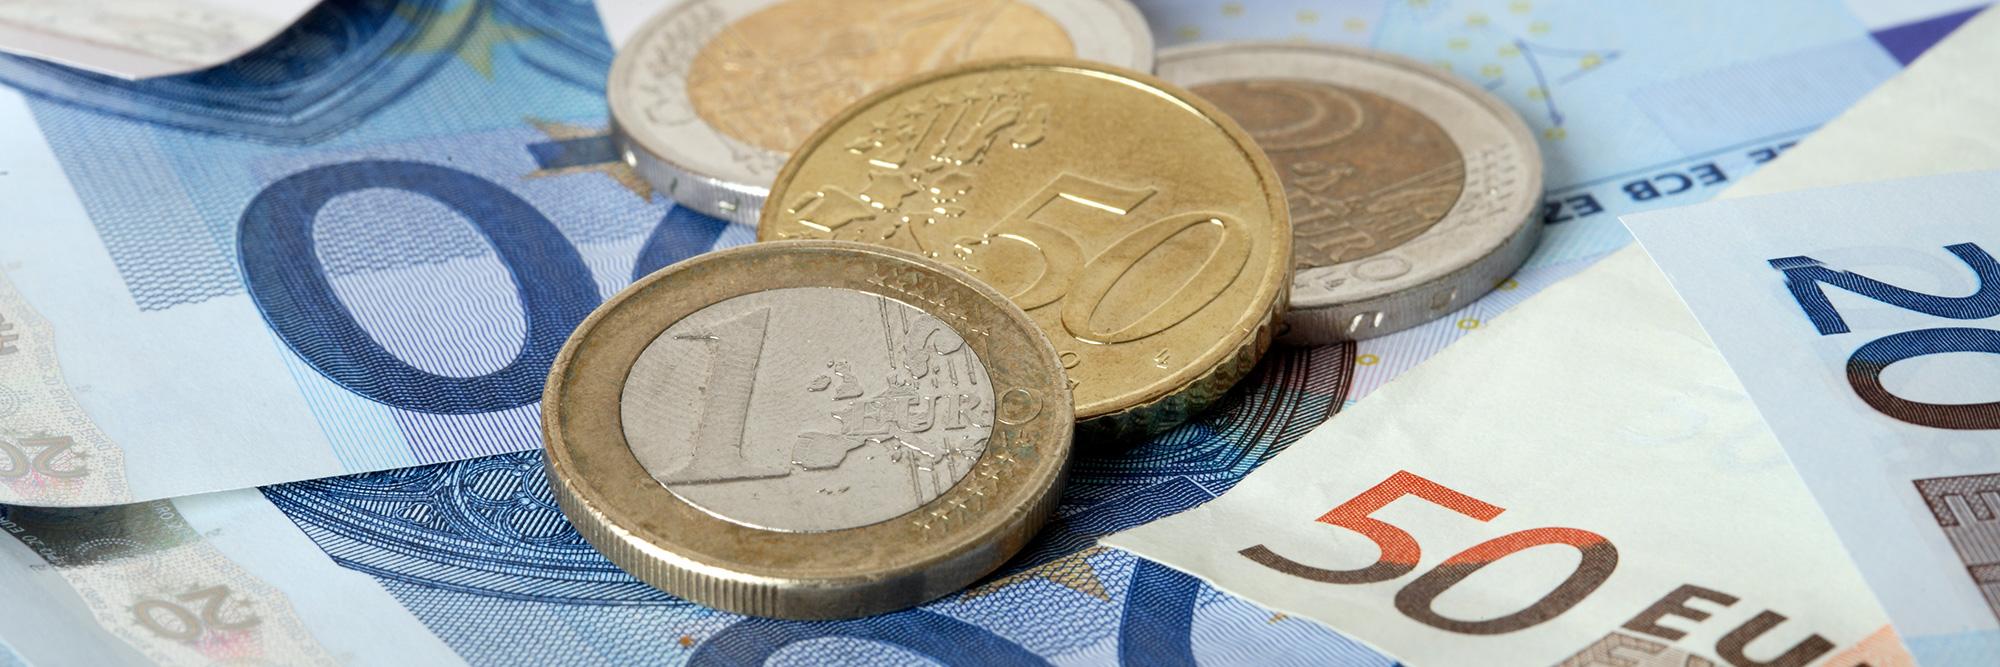 geld wechseln franken in euro